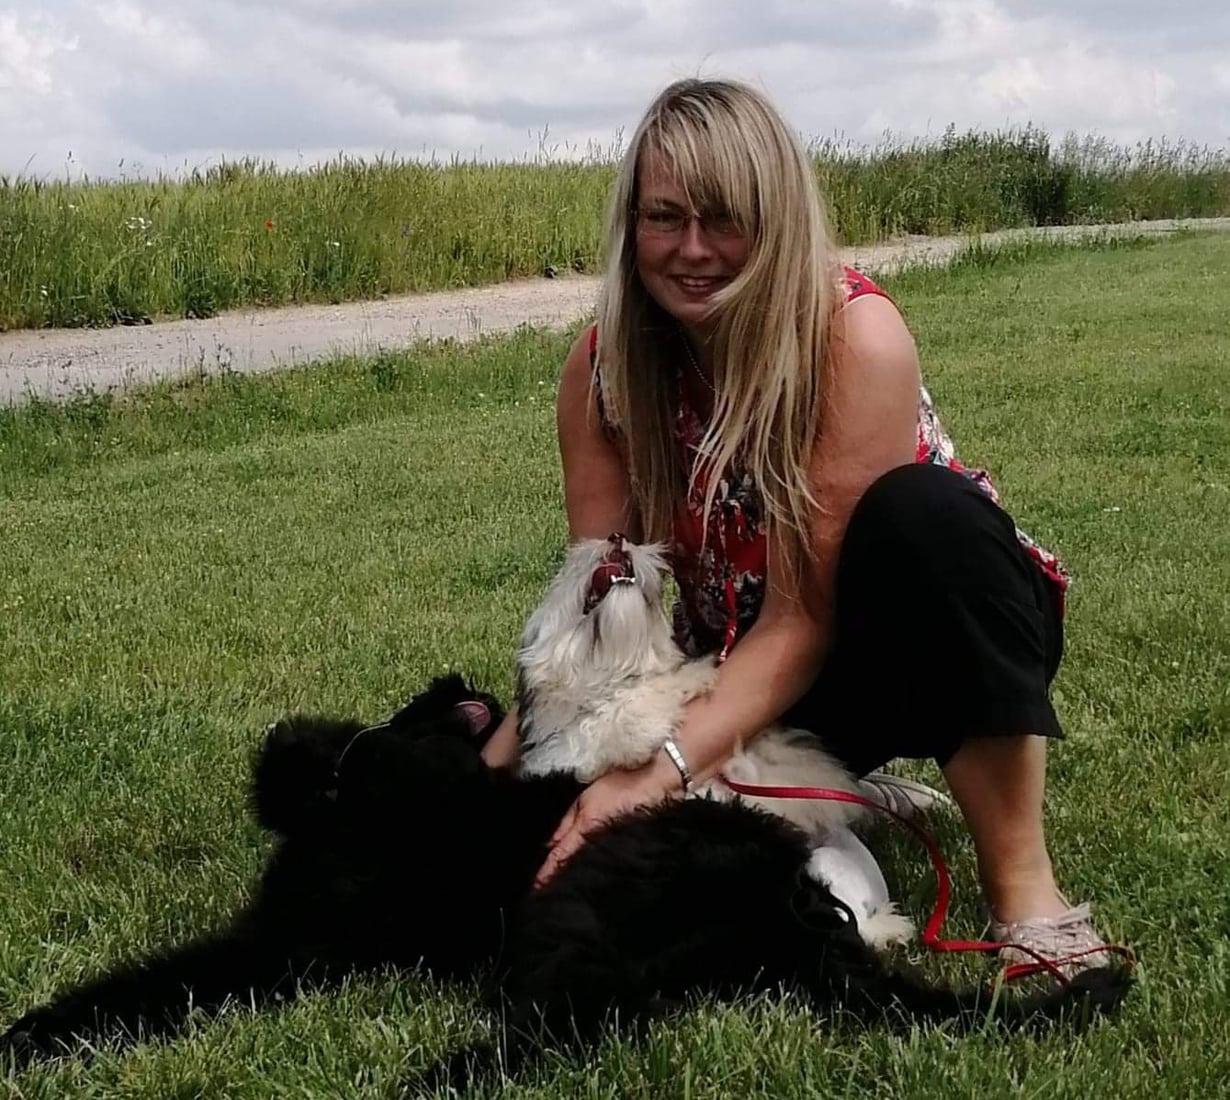 Iris on rakastunut löwchen-rotuun, joka tunnetaan myös pienenä leijonakoirana. Vaalea koira on Kikka, jonka Iris haki Unkarista. Musta koira on puolestaan ystävän koira, joka tuli samaan kyytiin Puolasta.